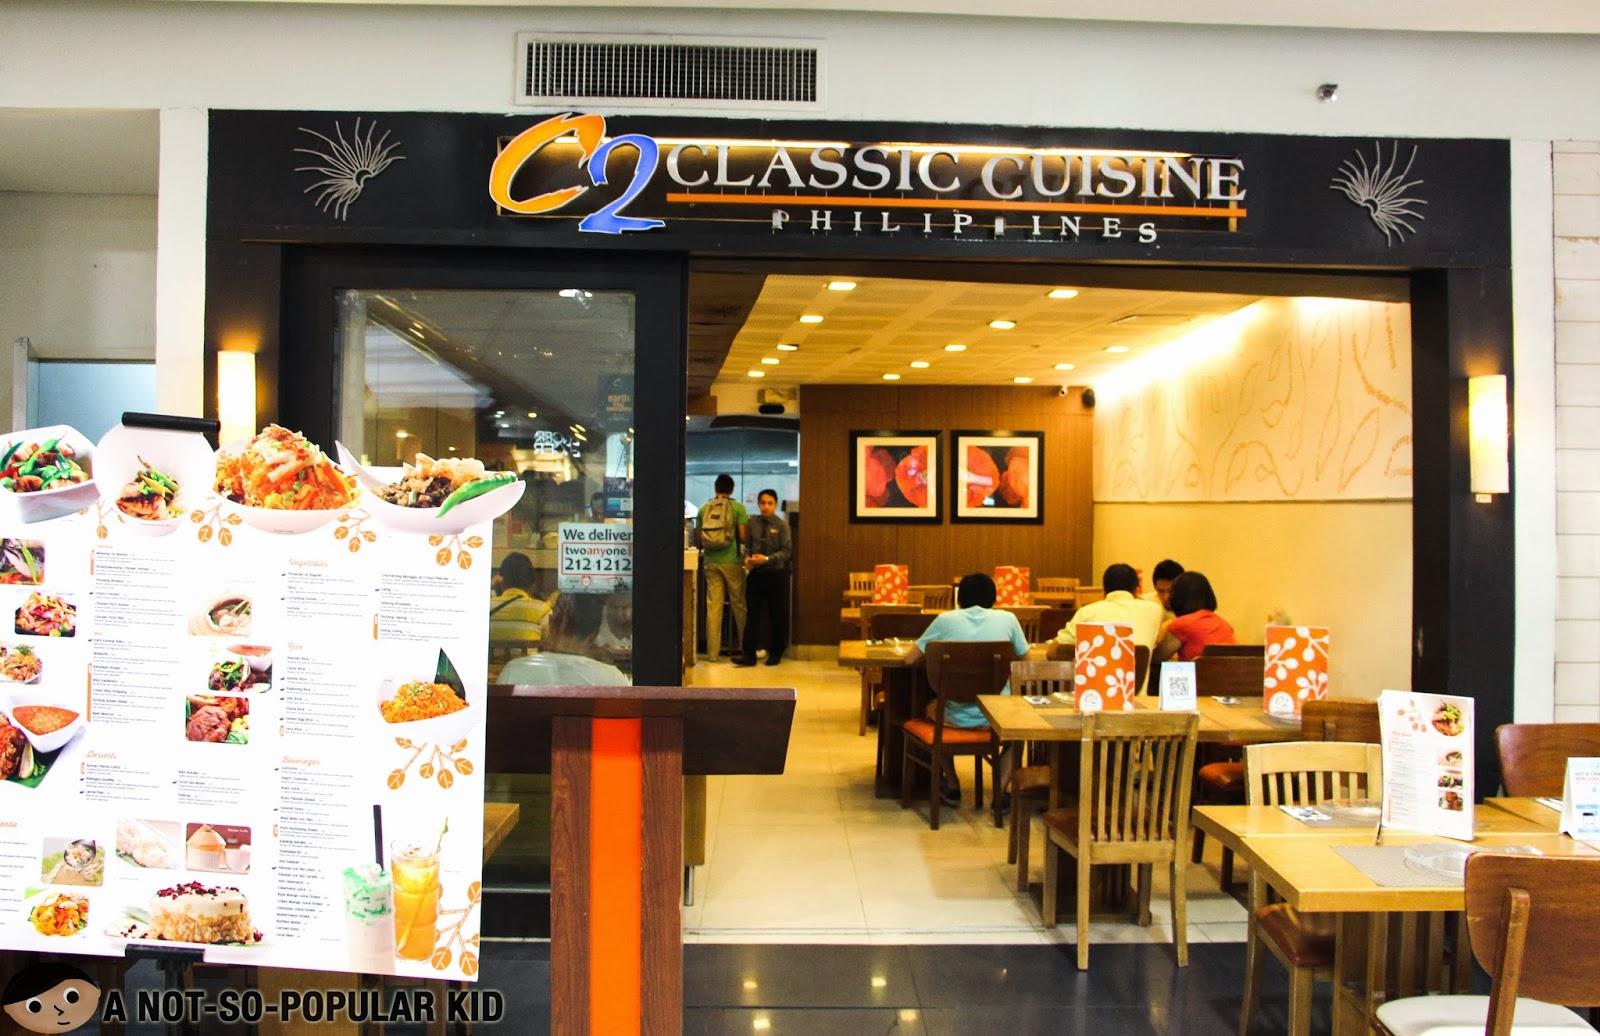 C2 Classic Cuisine in Robinsons Midtown, Ermita, Manila